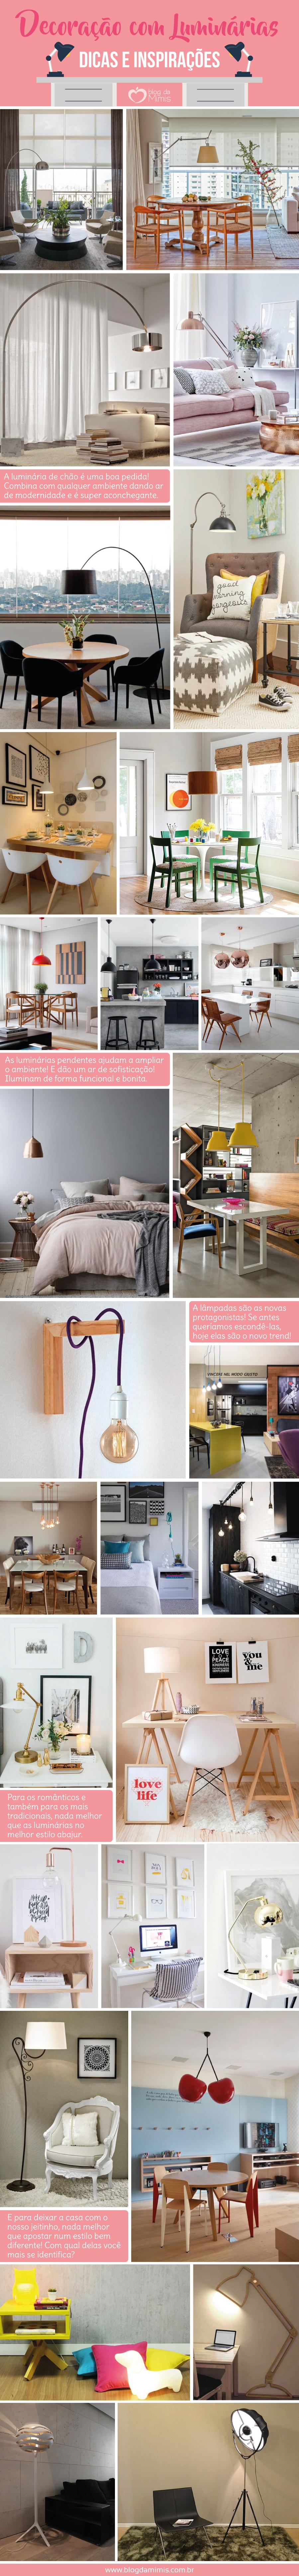 Decoração com luminárias: dicas e inspirações - Blog da Mimis #decoração #decor #blog